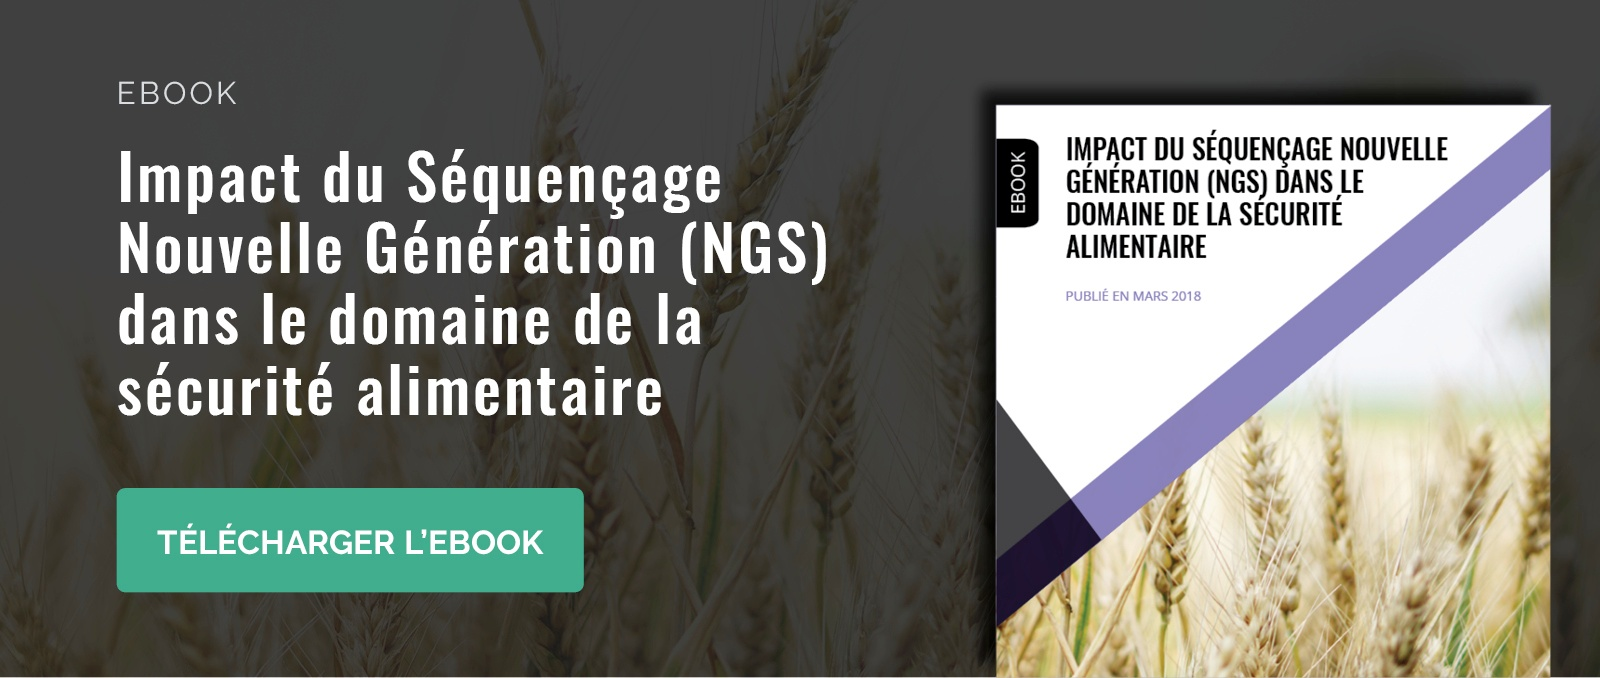 impact sequencage nouvelle generation (ngs) dans la securite alimentaire